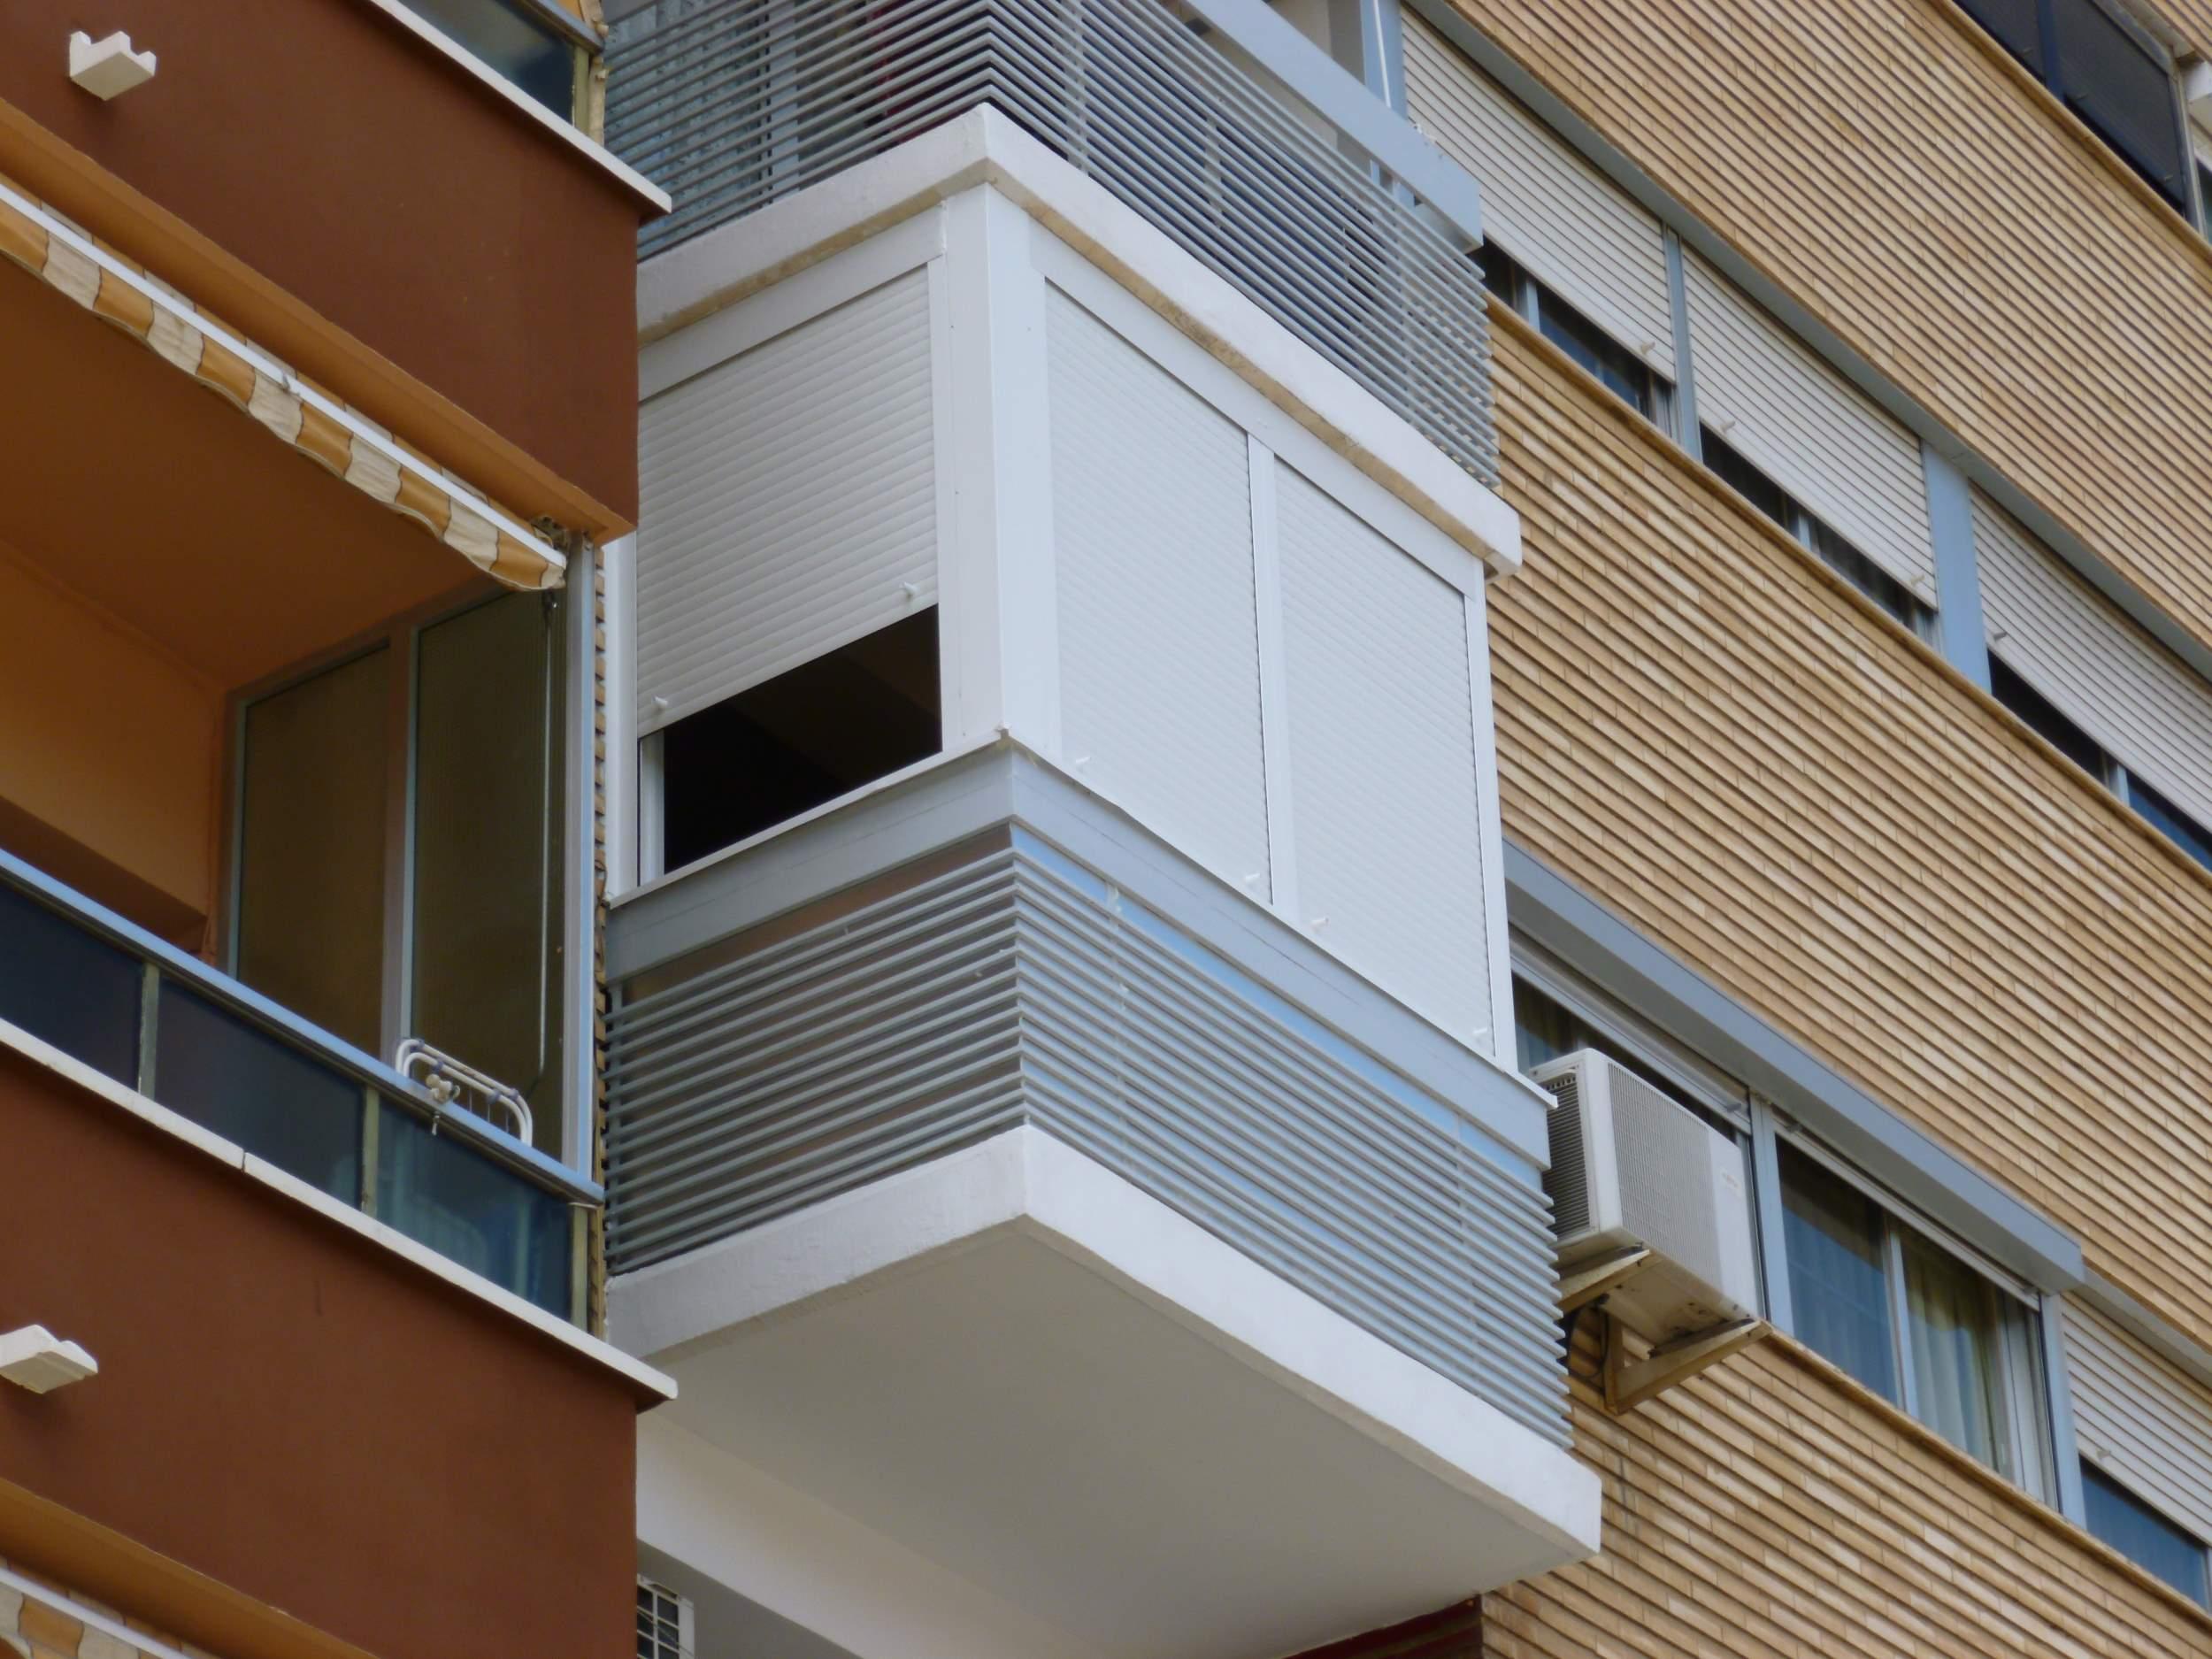 Cerramientos de galer as balcones y miradores - Estores para balcones ...